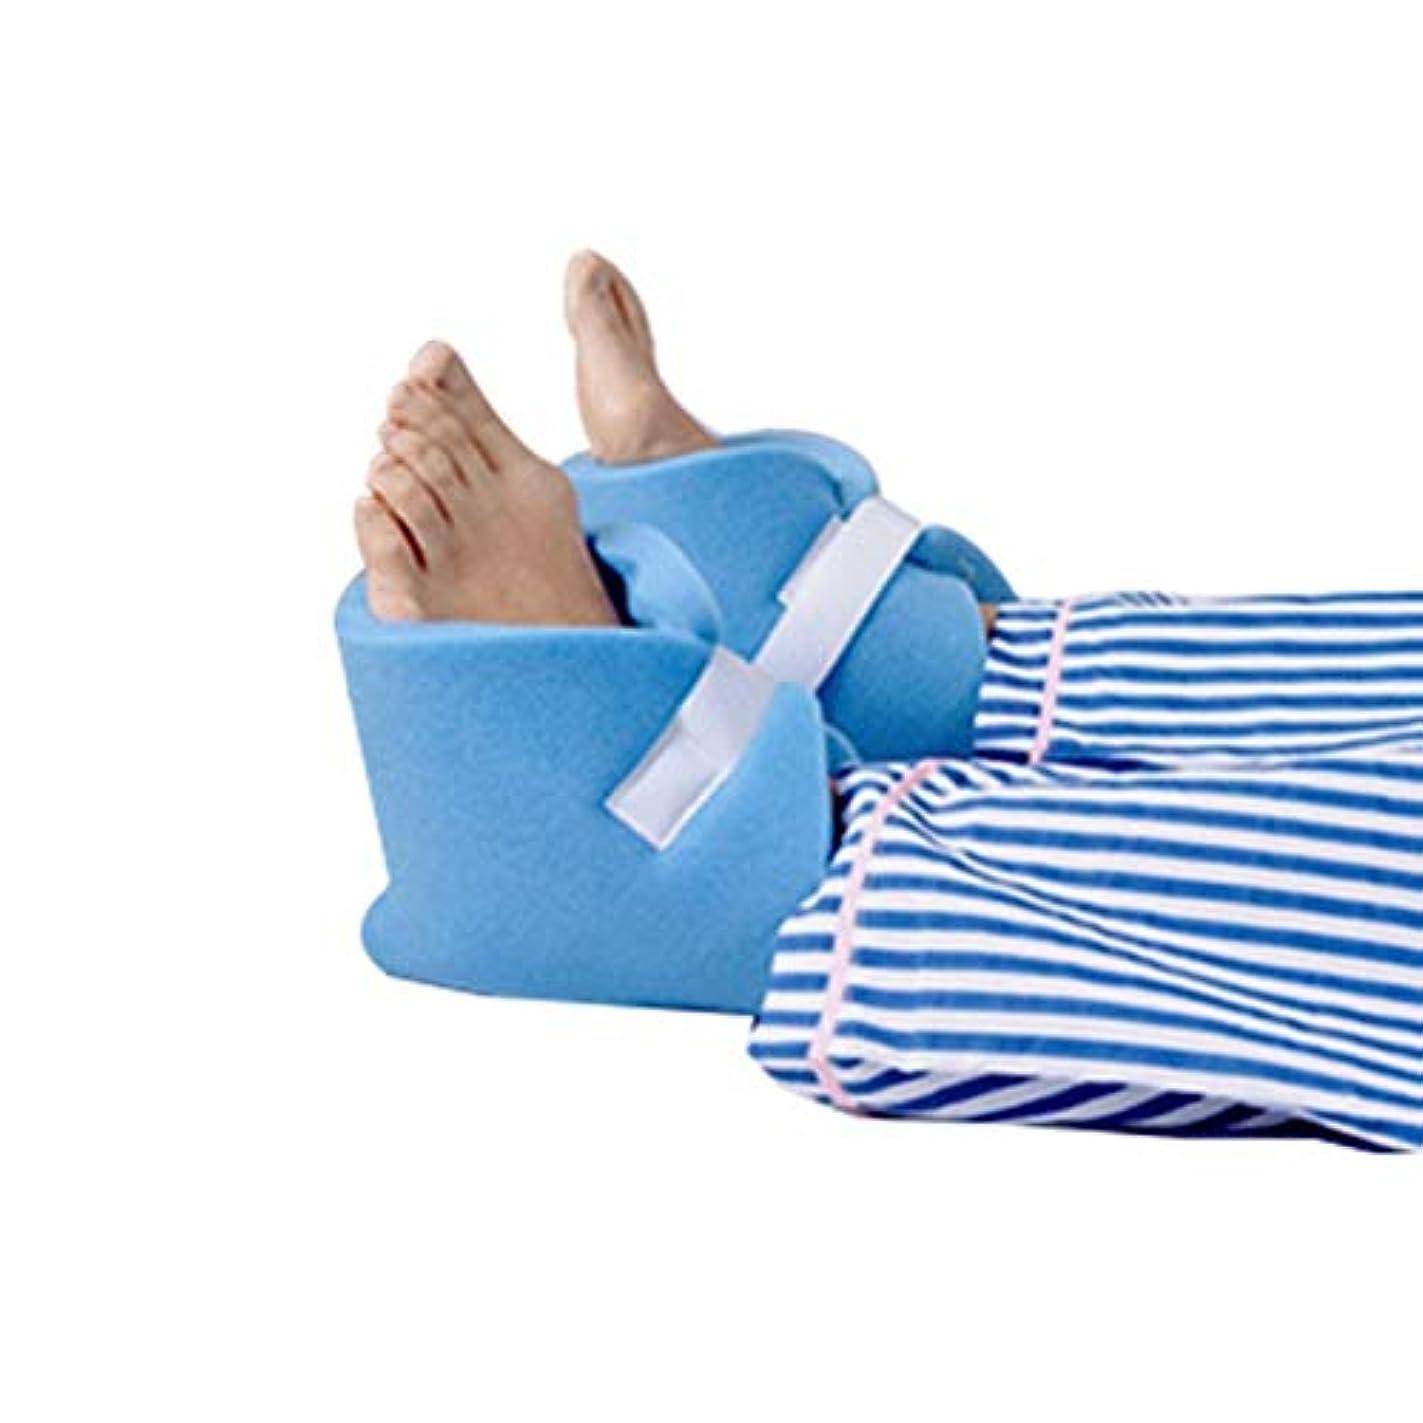 ボイラー鬼ごっこアナログフォームヒールクッション、Pressure瘡予防のための足首プロテクター、デラックスワンペア(ブルー)